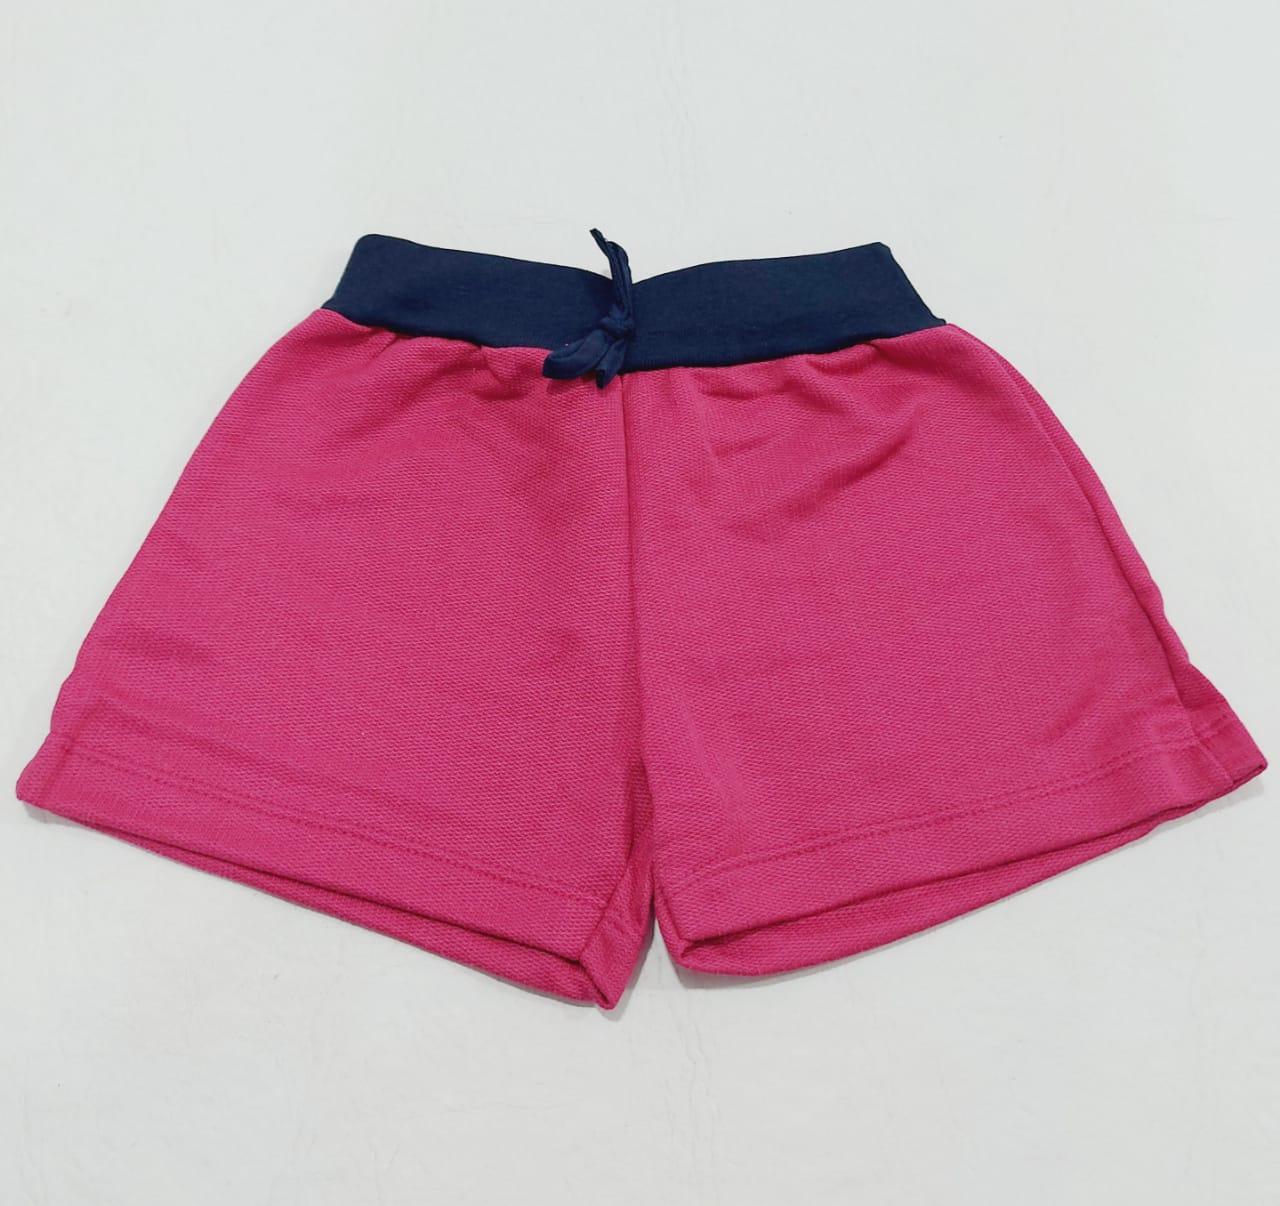 Conjunto Verão Floral Rosa - Camisa Regata e Shorts - 02 Peças - 4 à 8 anos - Fashion Kids